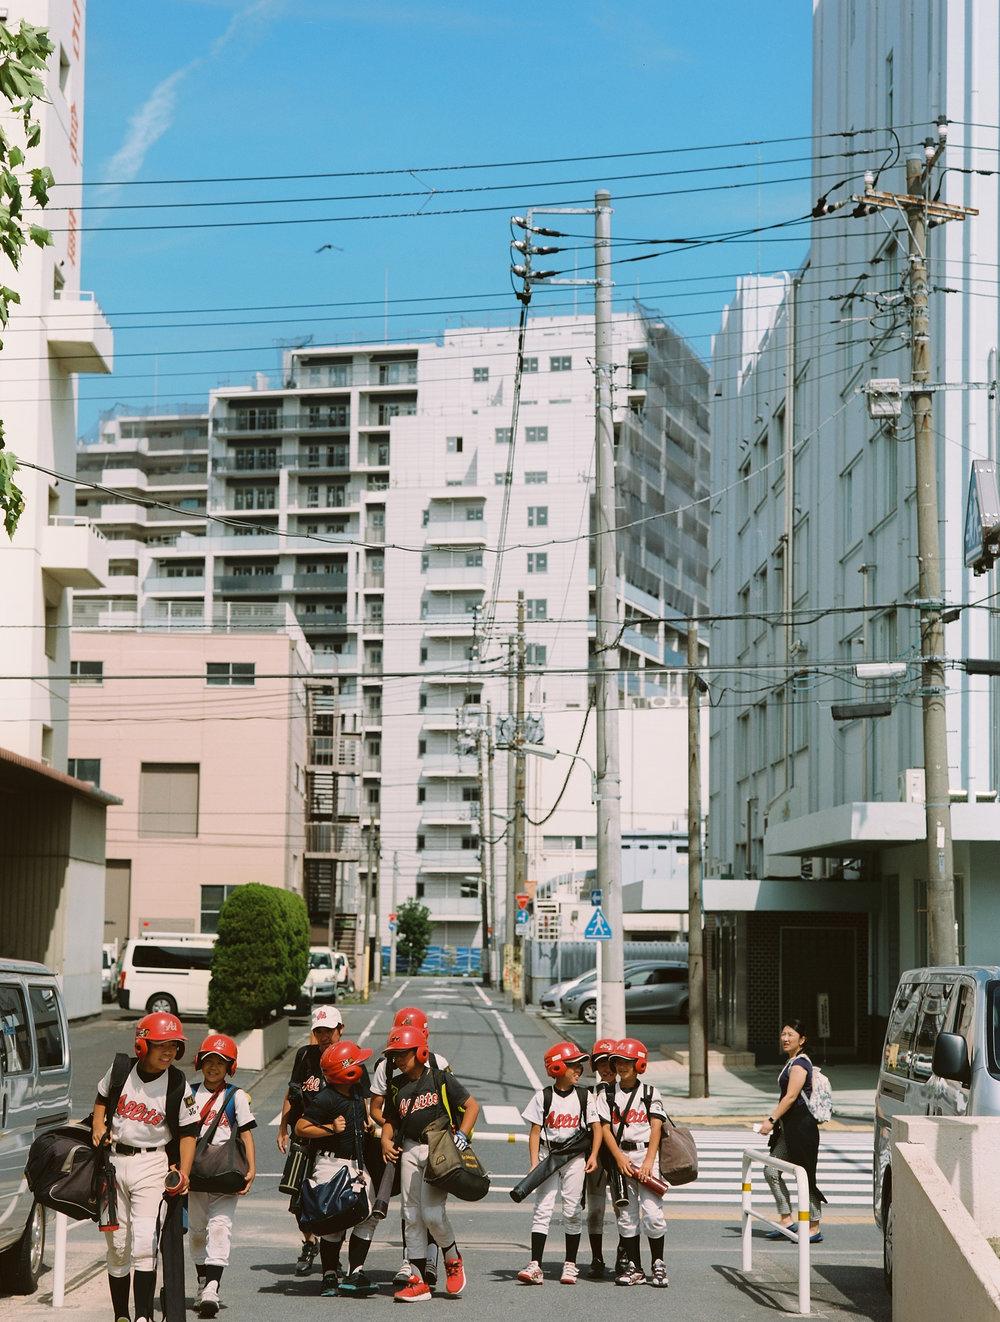 Gunma_Shinagawa_Portra 160_0 1_.jpg